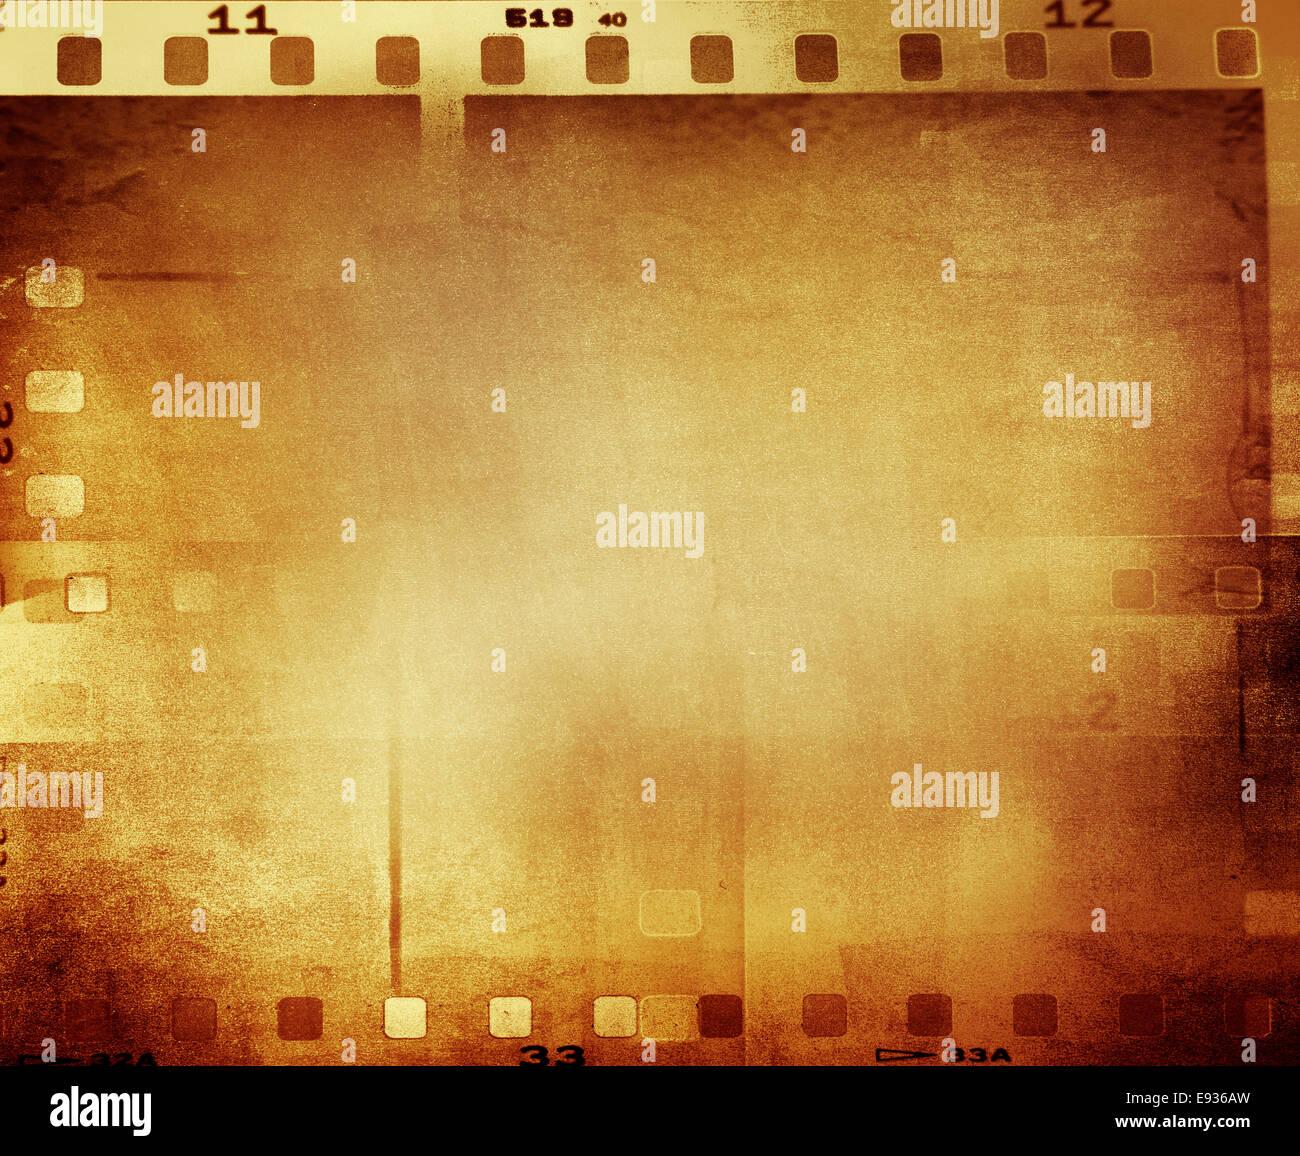 Film negative frames, film strips border Stock Photo